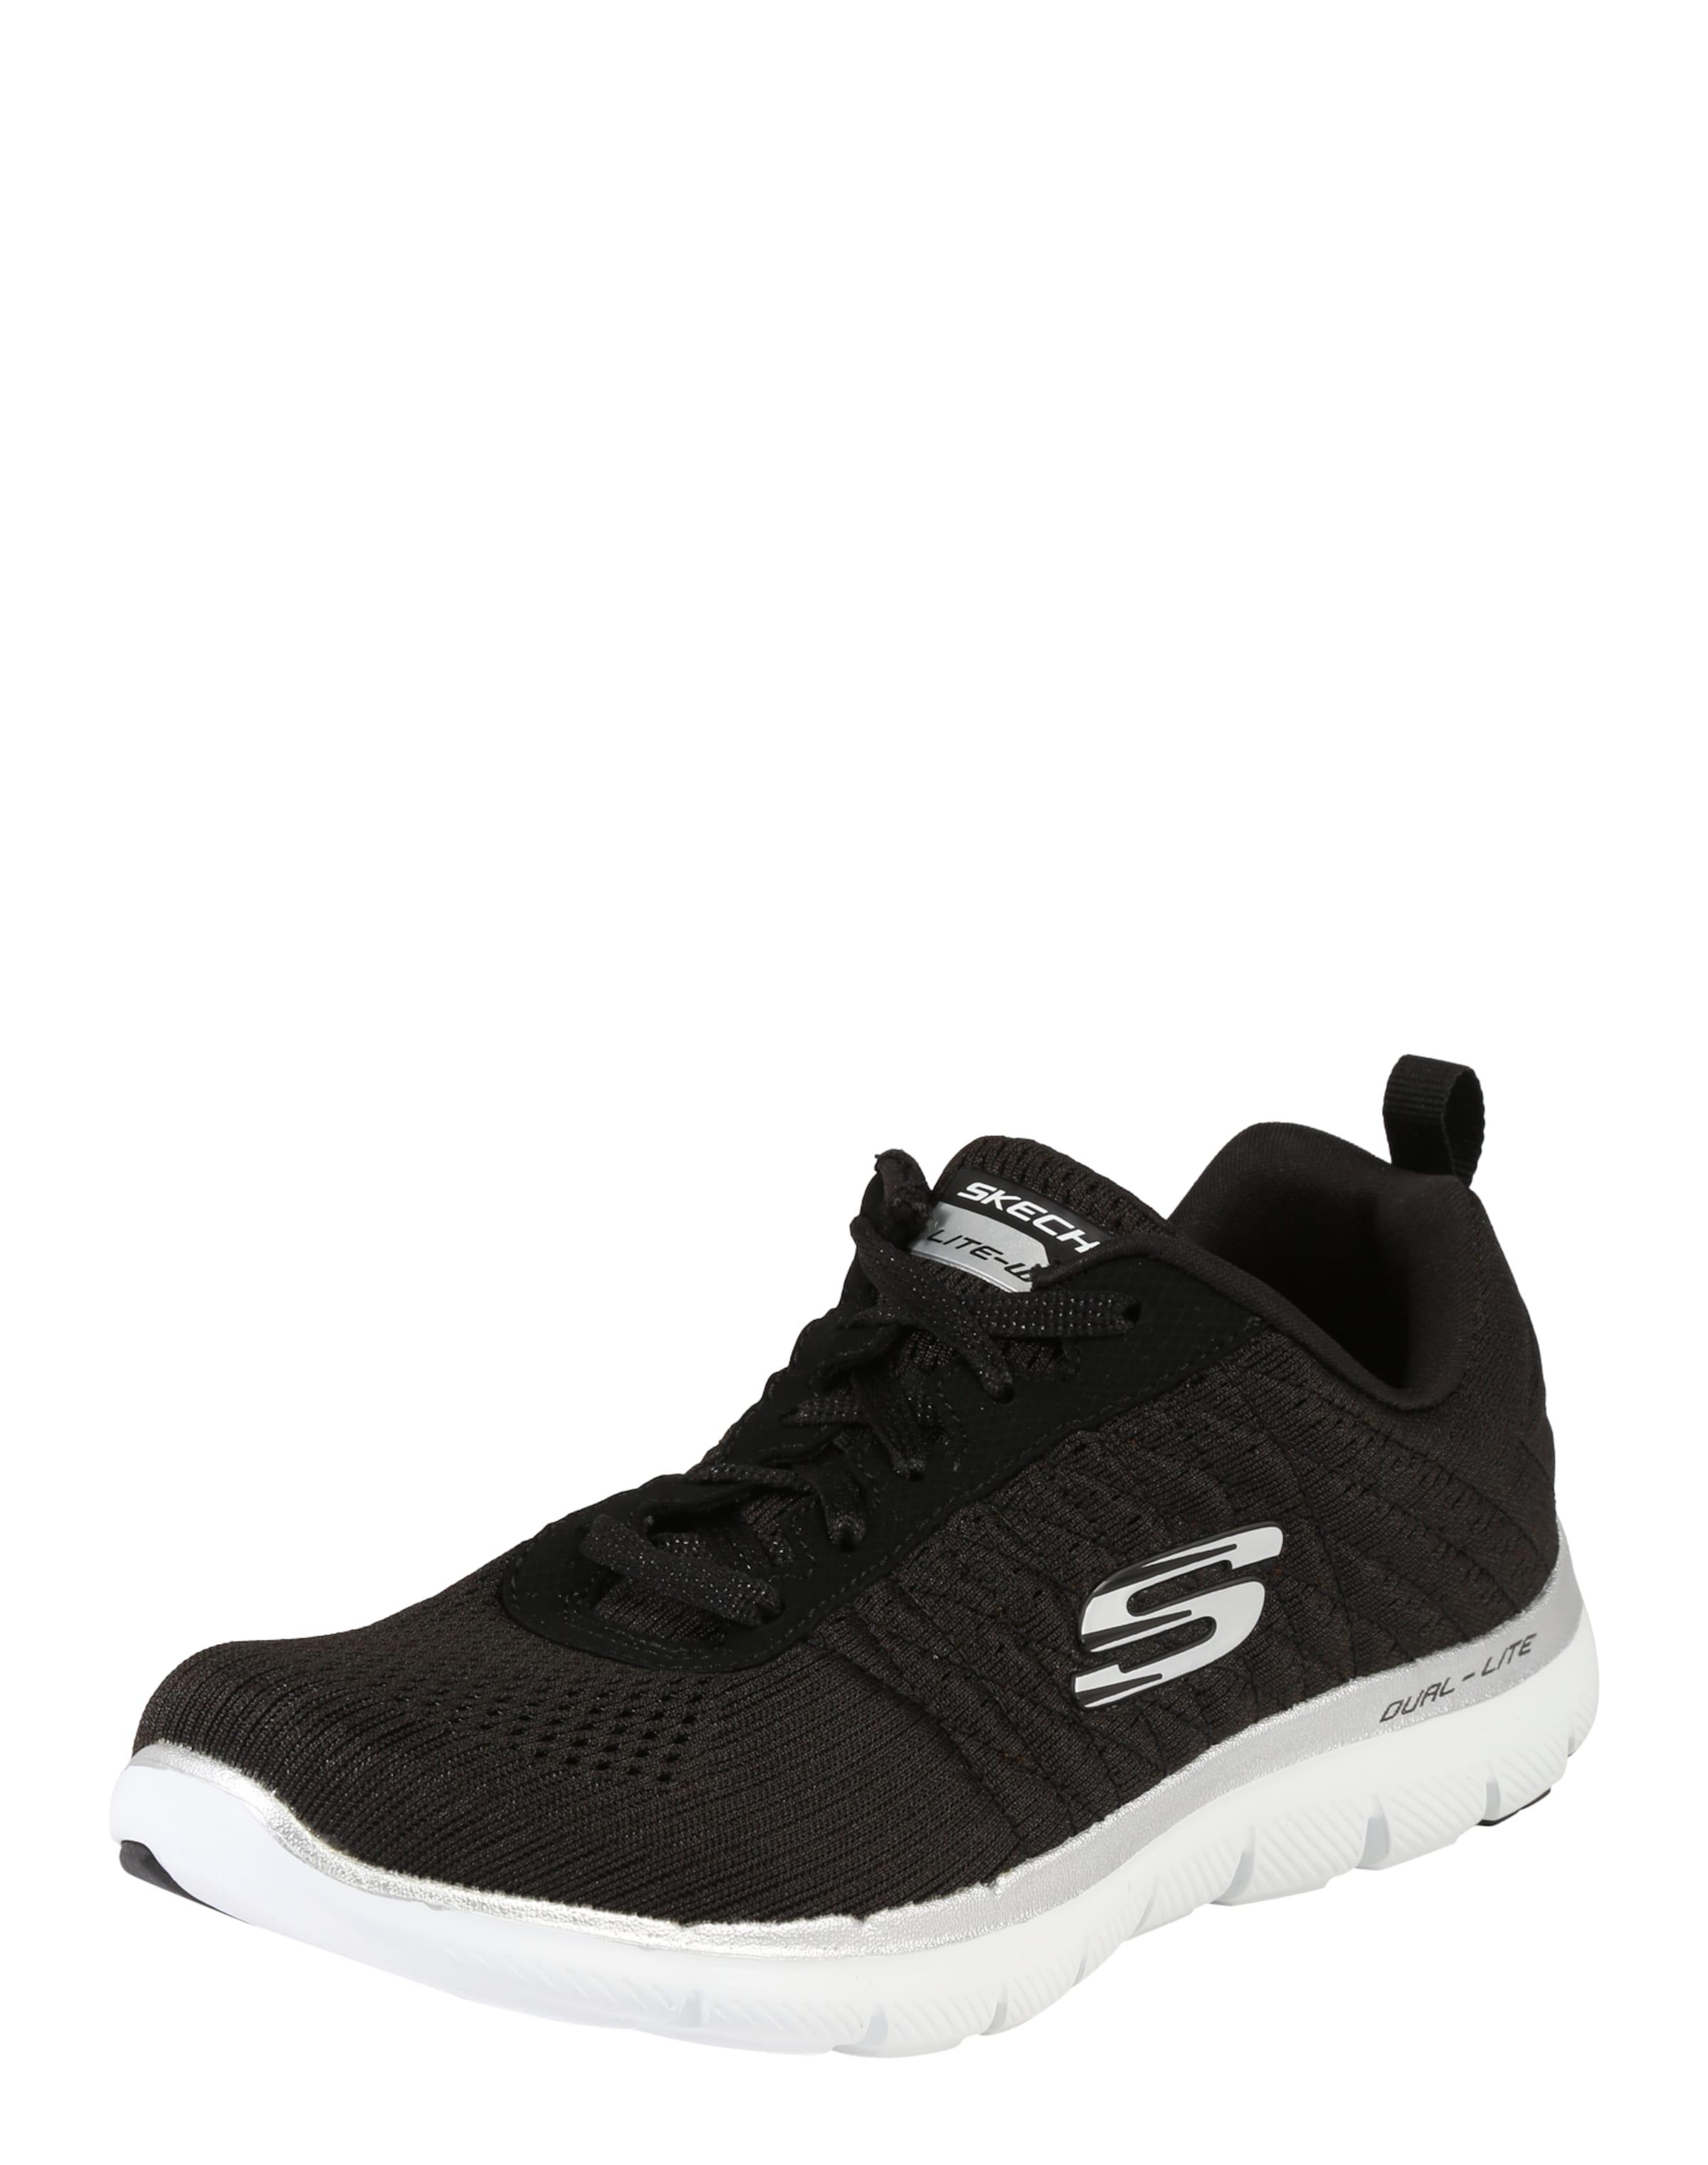 SKECHERS Sneaker Flex Appeal 2.0 Break Free